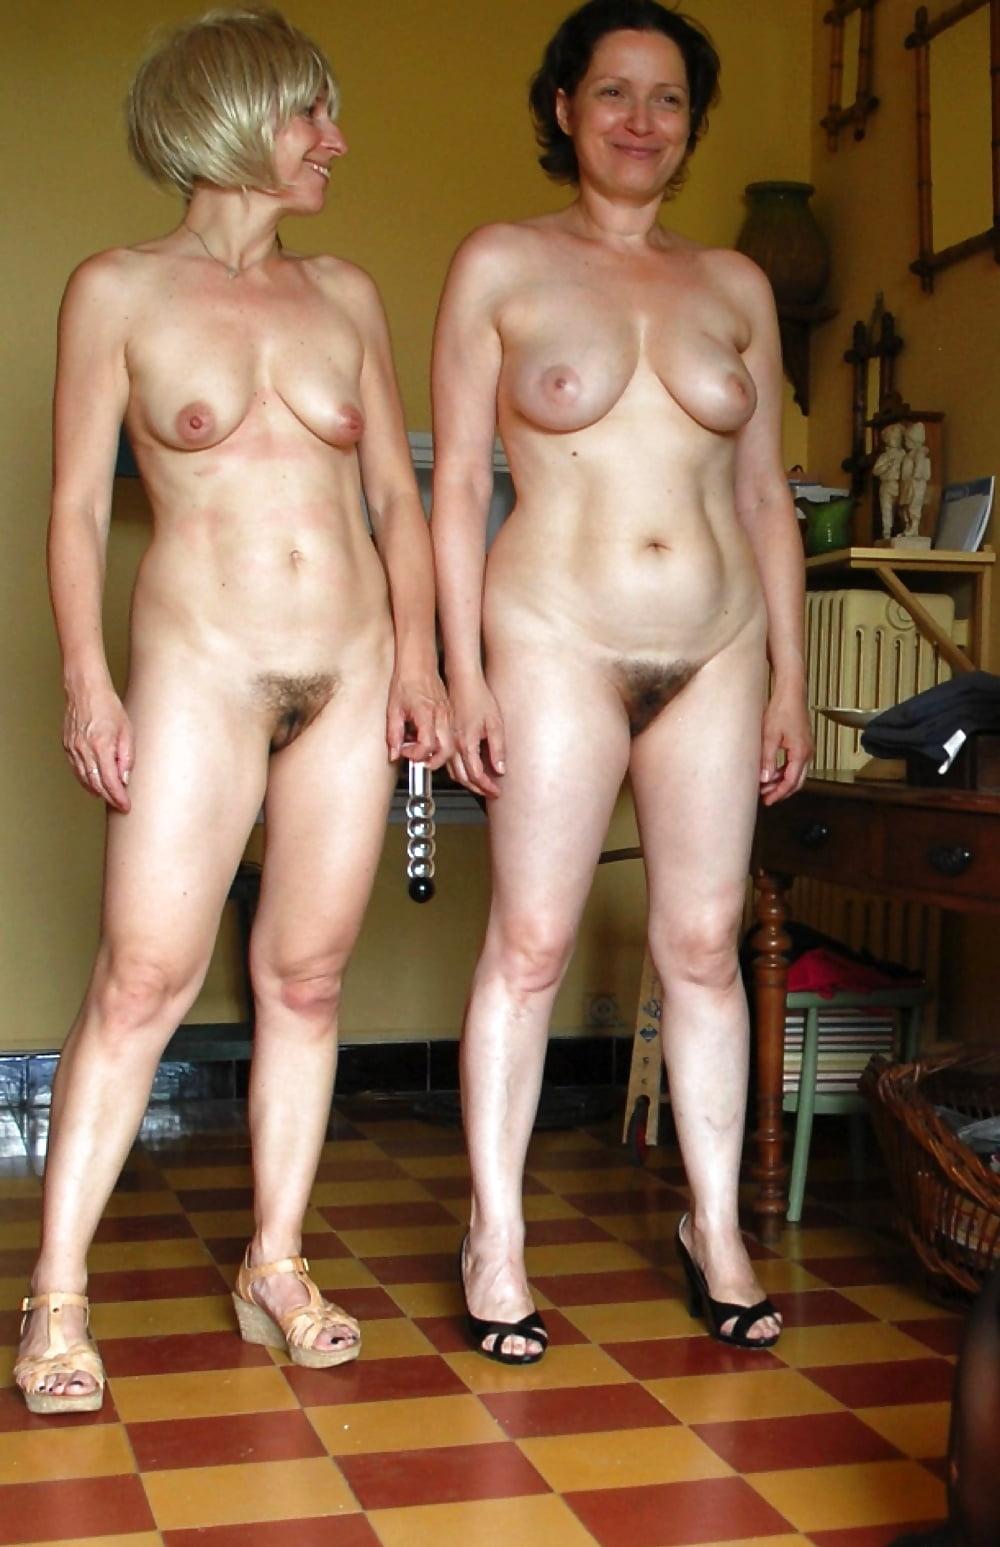 Embarrassed nude public dare tumblr